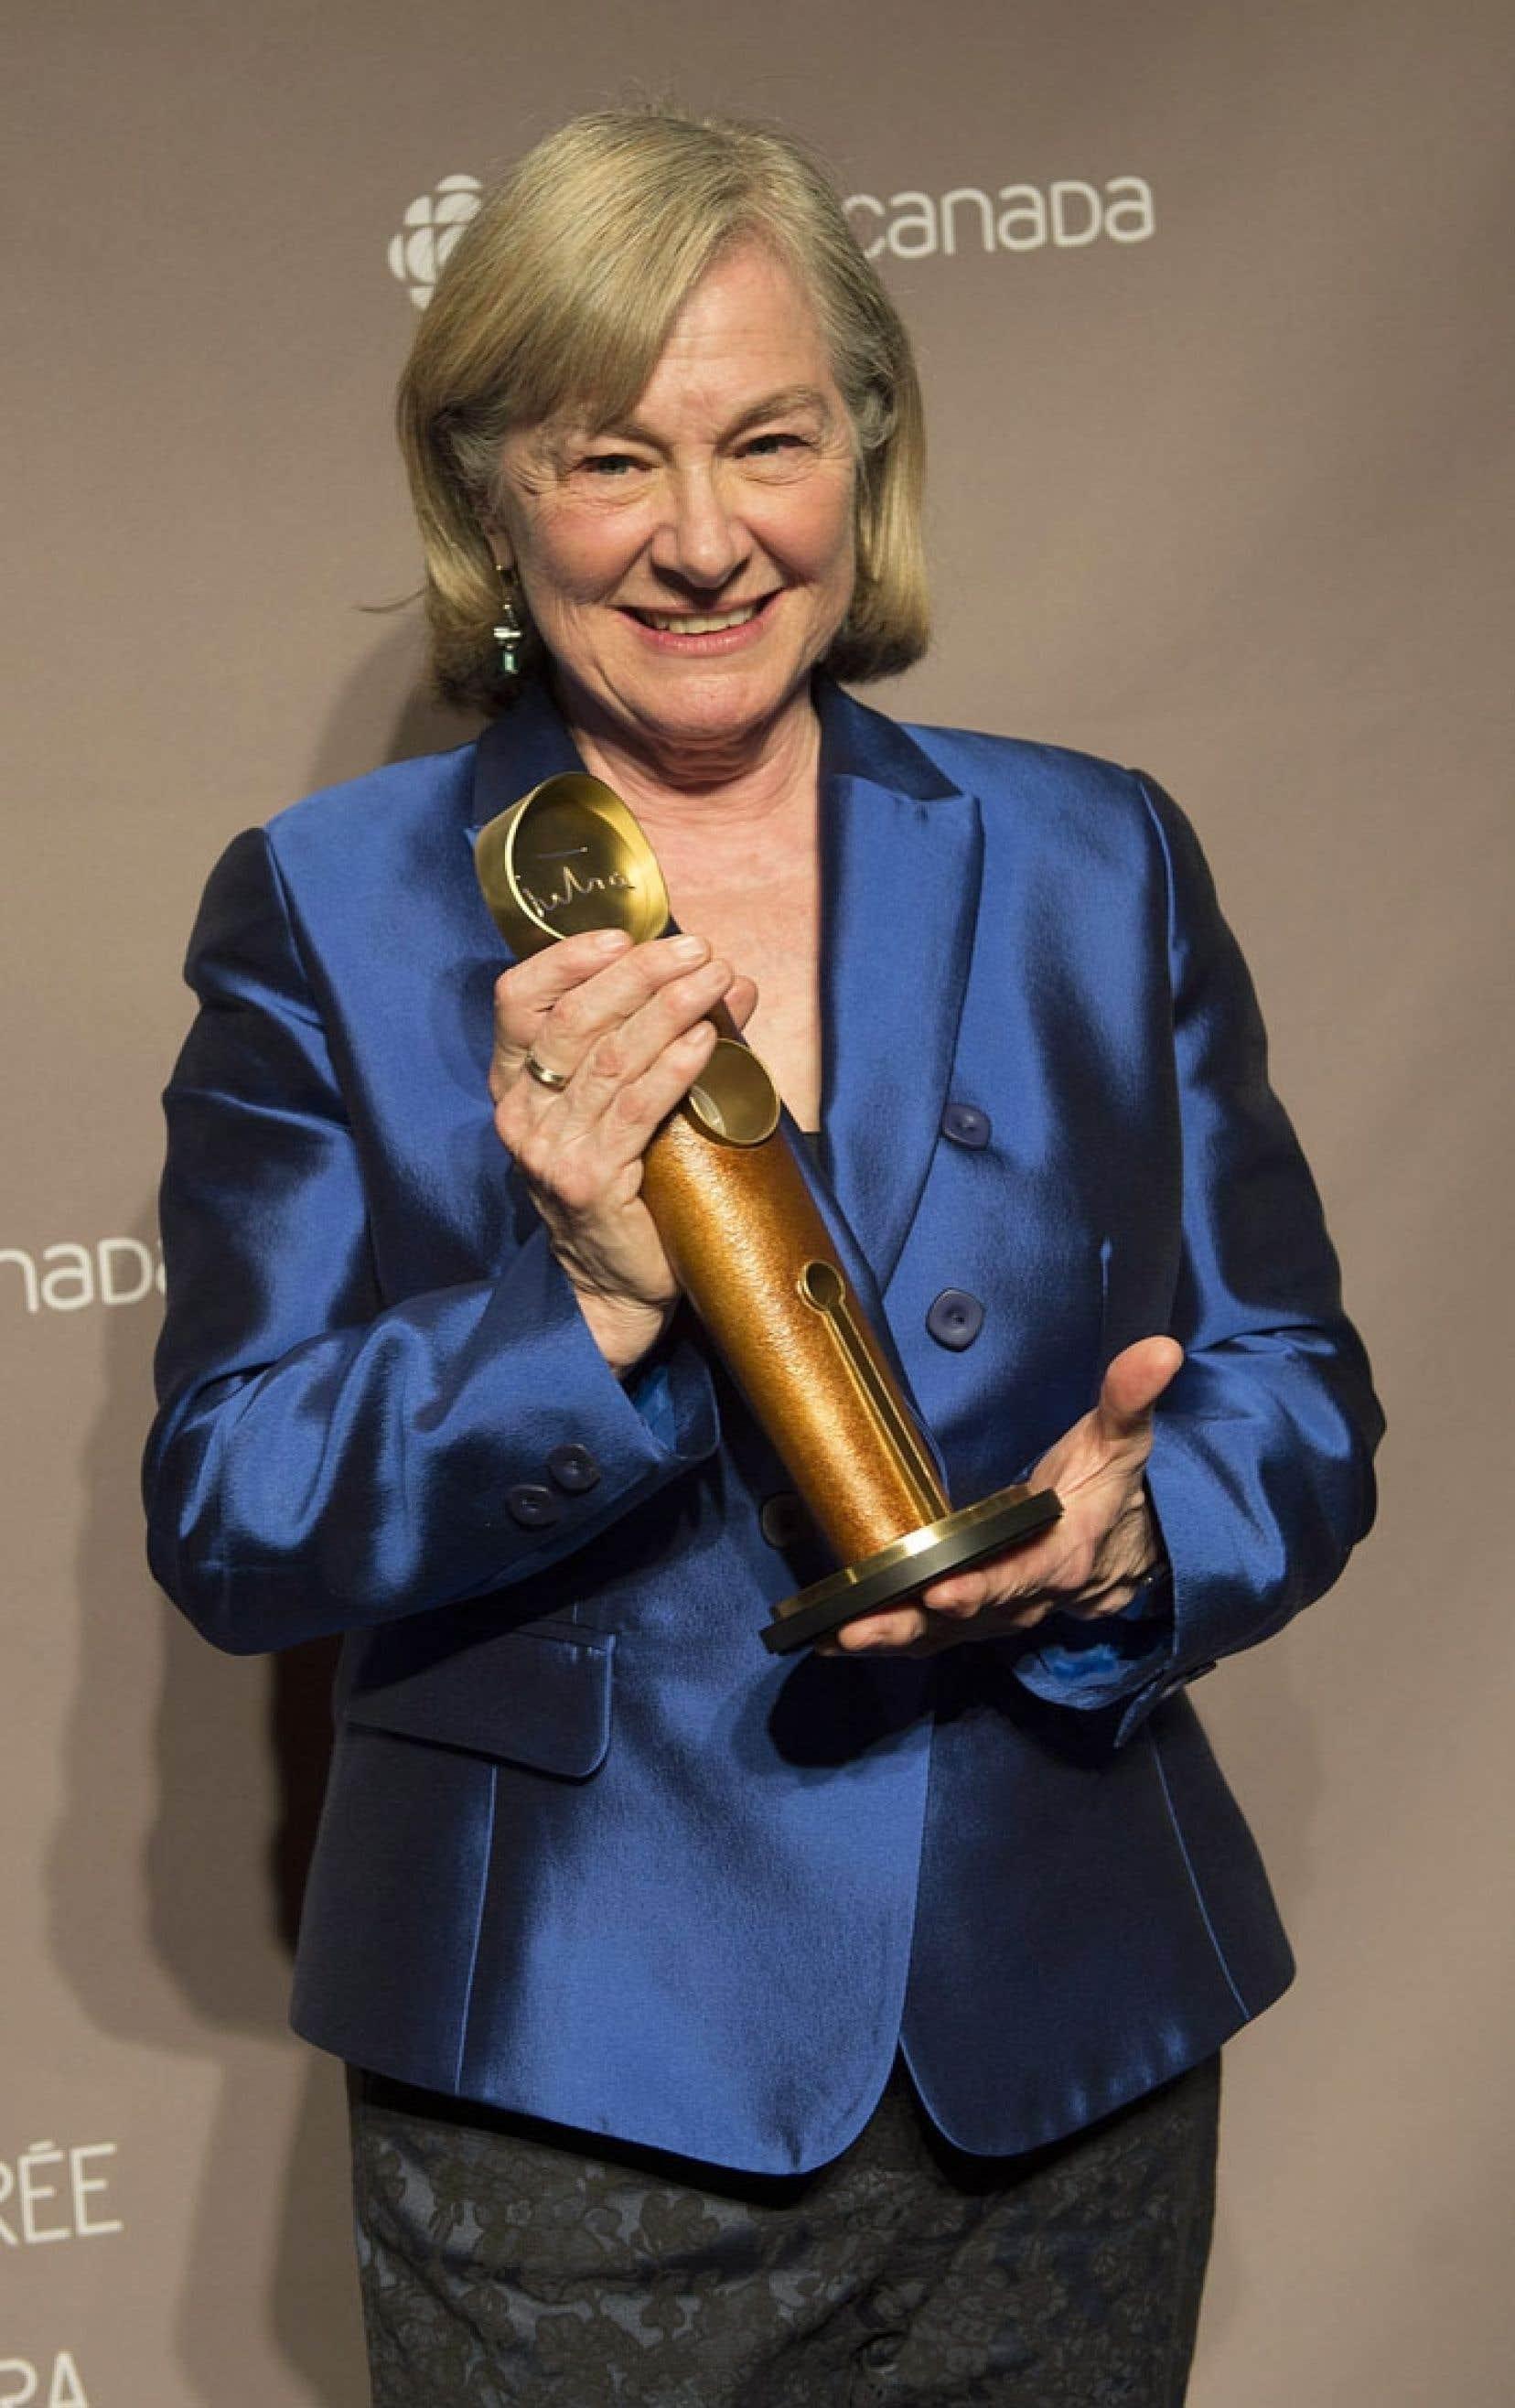 Micheline Lanctôt a reçu le Jutra hommage dimanche pour l'ensemble de sa carrière comme actrice et réalisatrice.